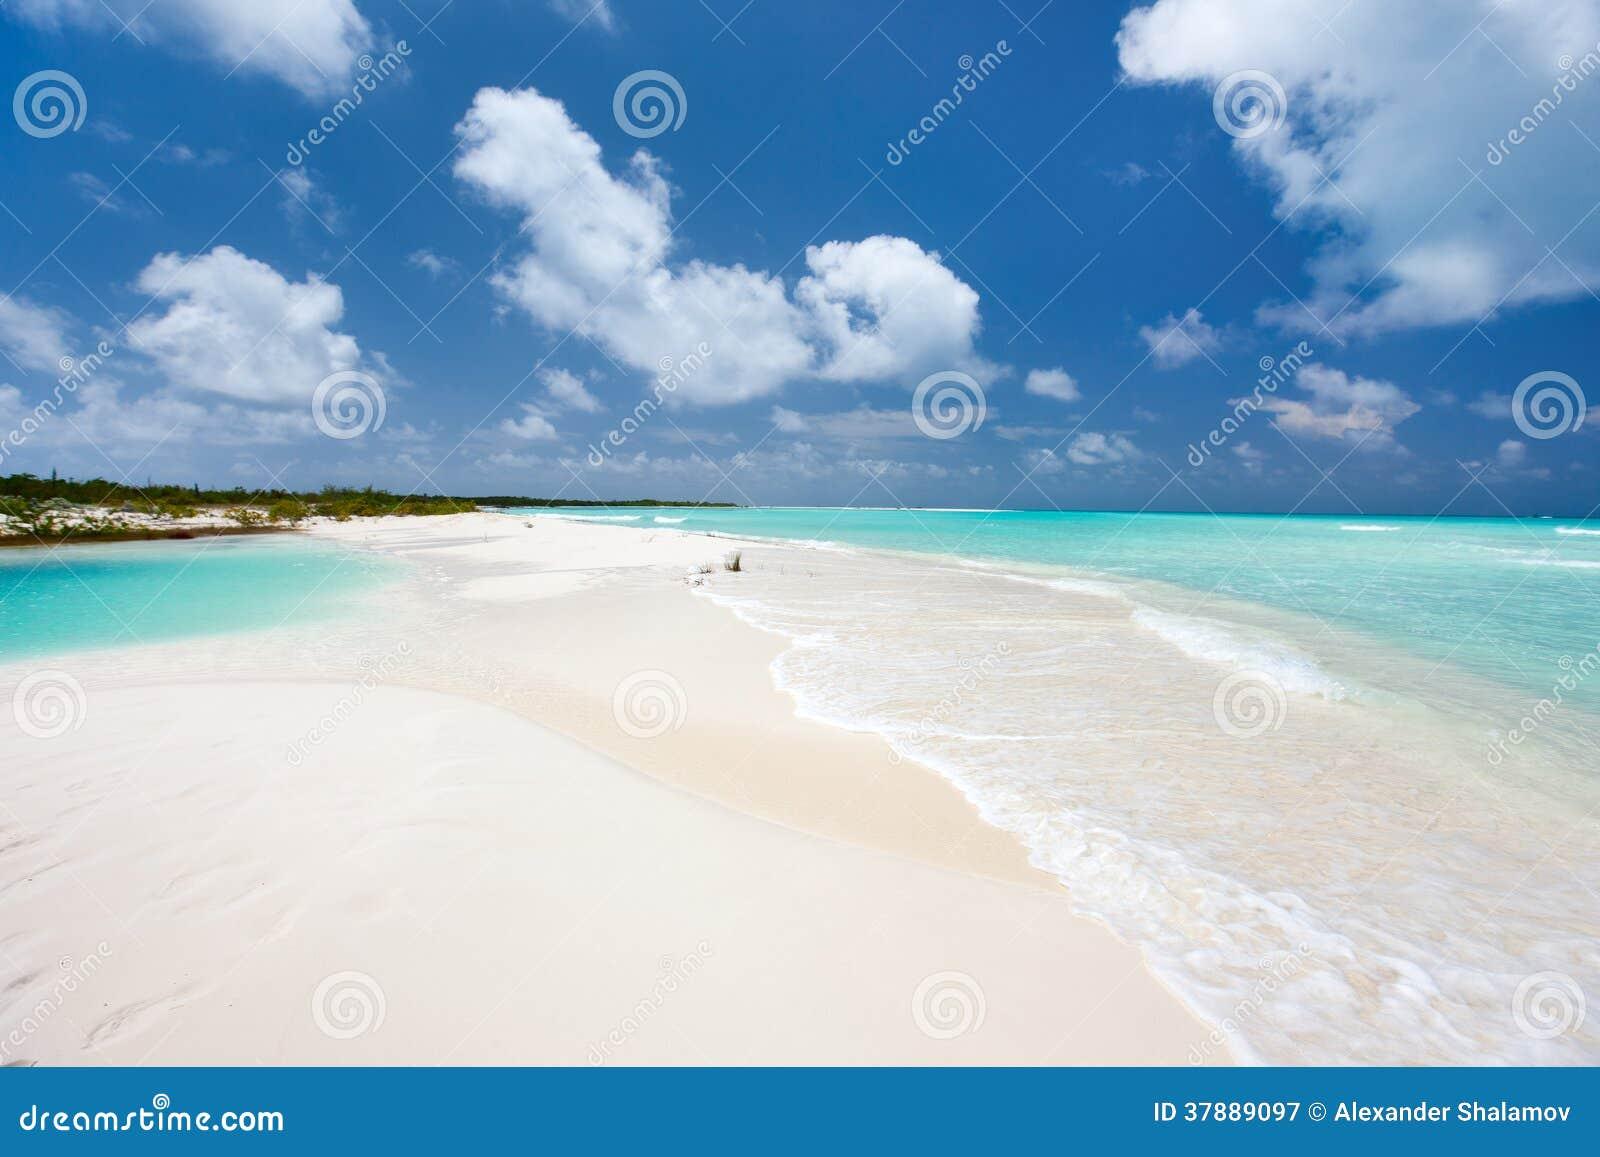 Caraïbische strand en overzees